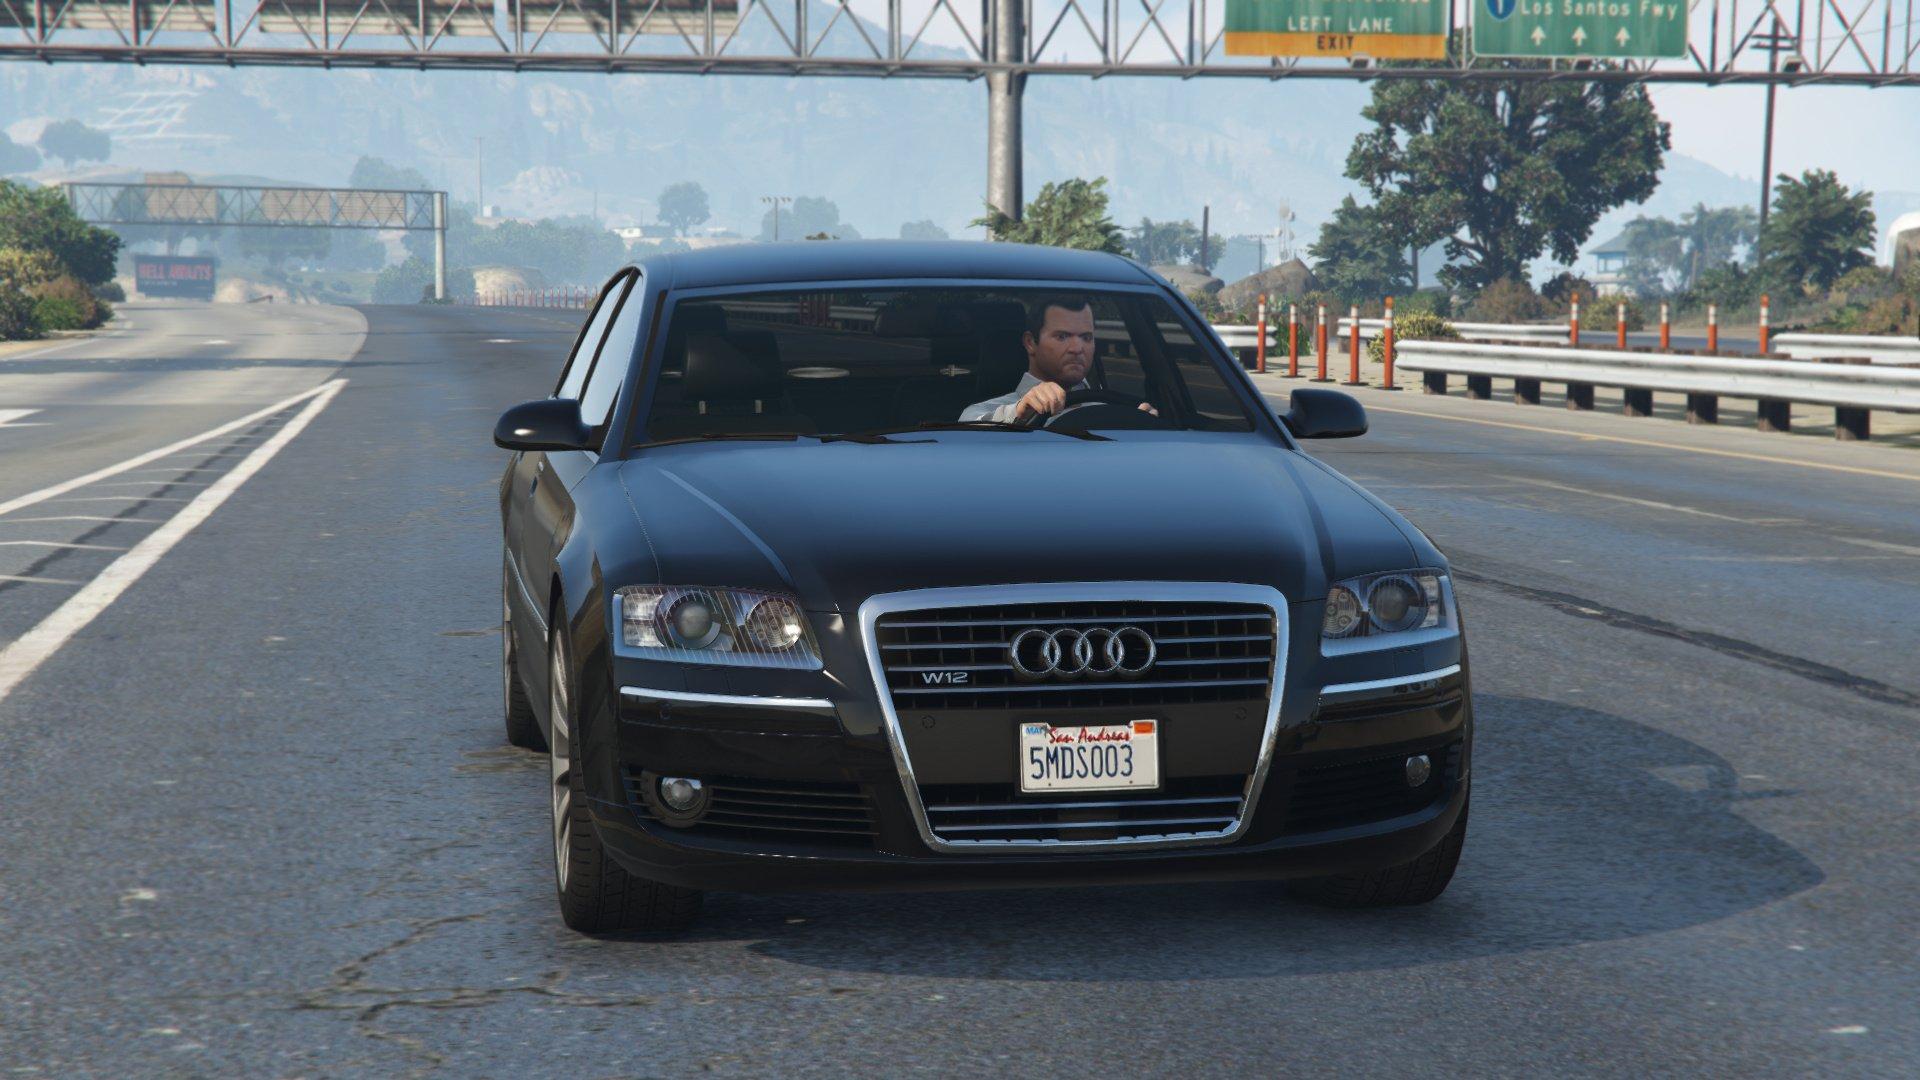 【GTA5】マイケルの愛車!改造可能 アウディ A8